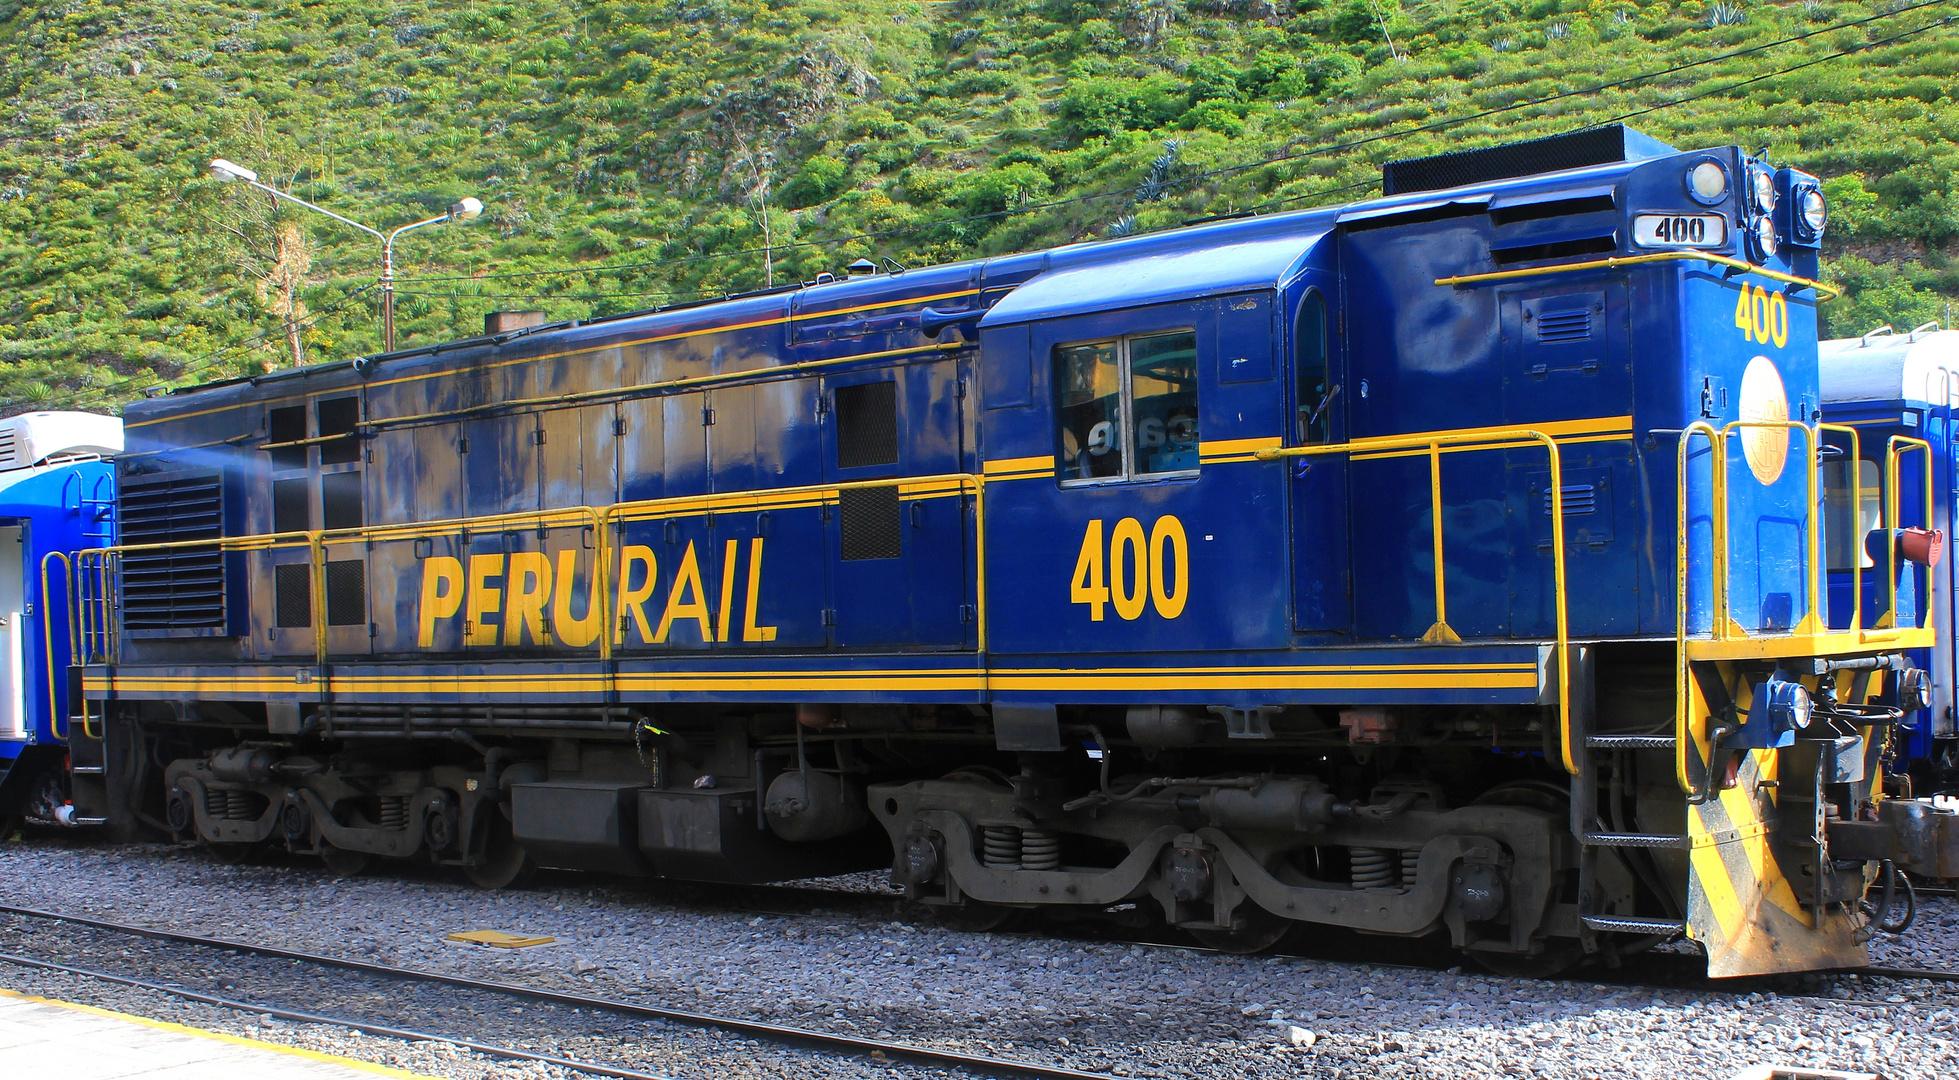 Peru rail!!!